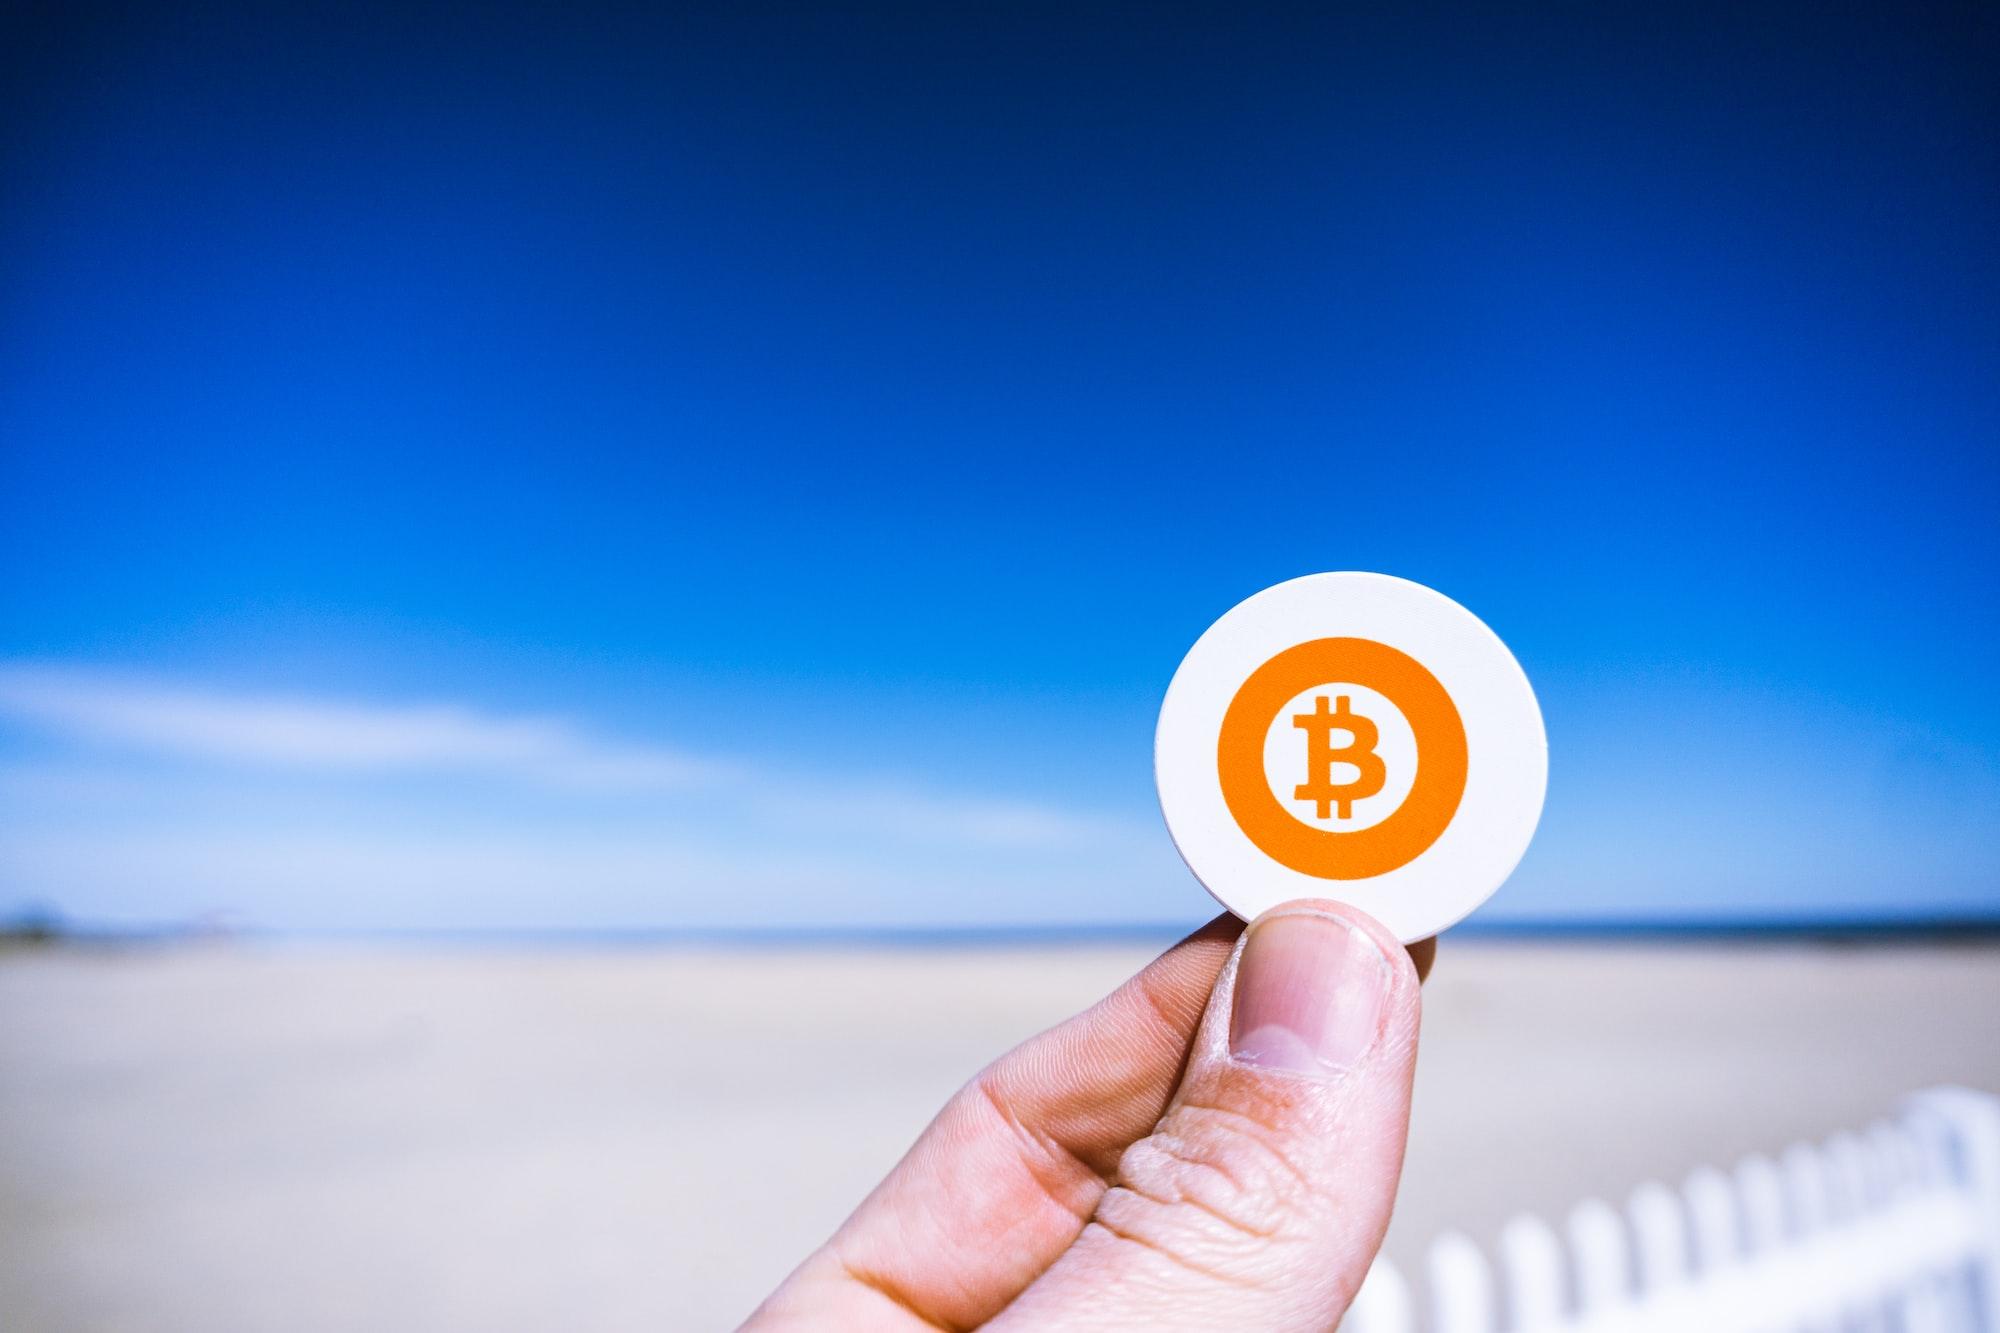 เปิดตัวแอปฯให้ผู้ใช้รับ/โอน Bitcoin ผ่านบัญชีธนาคารไม่ต้องมี Wallet